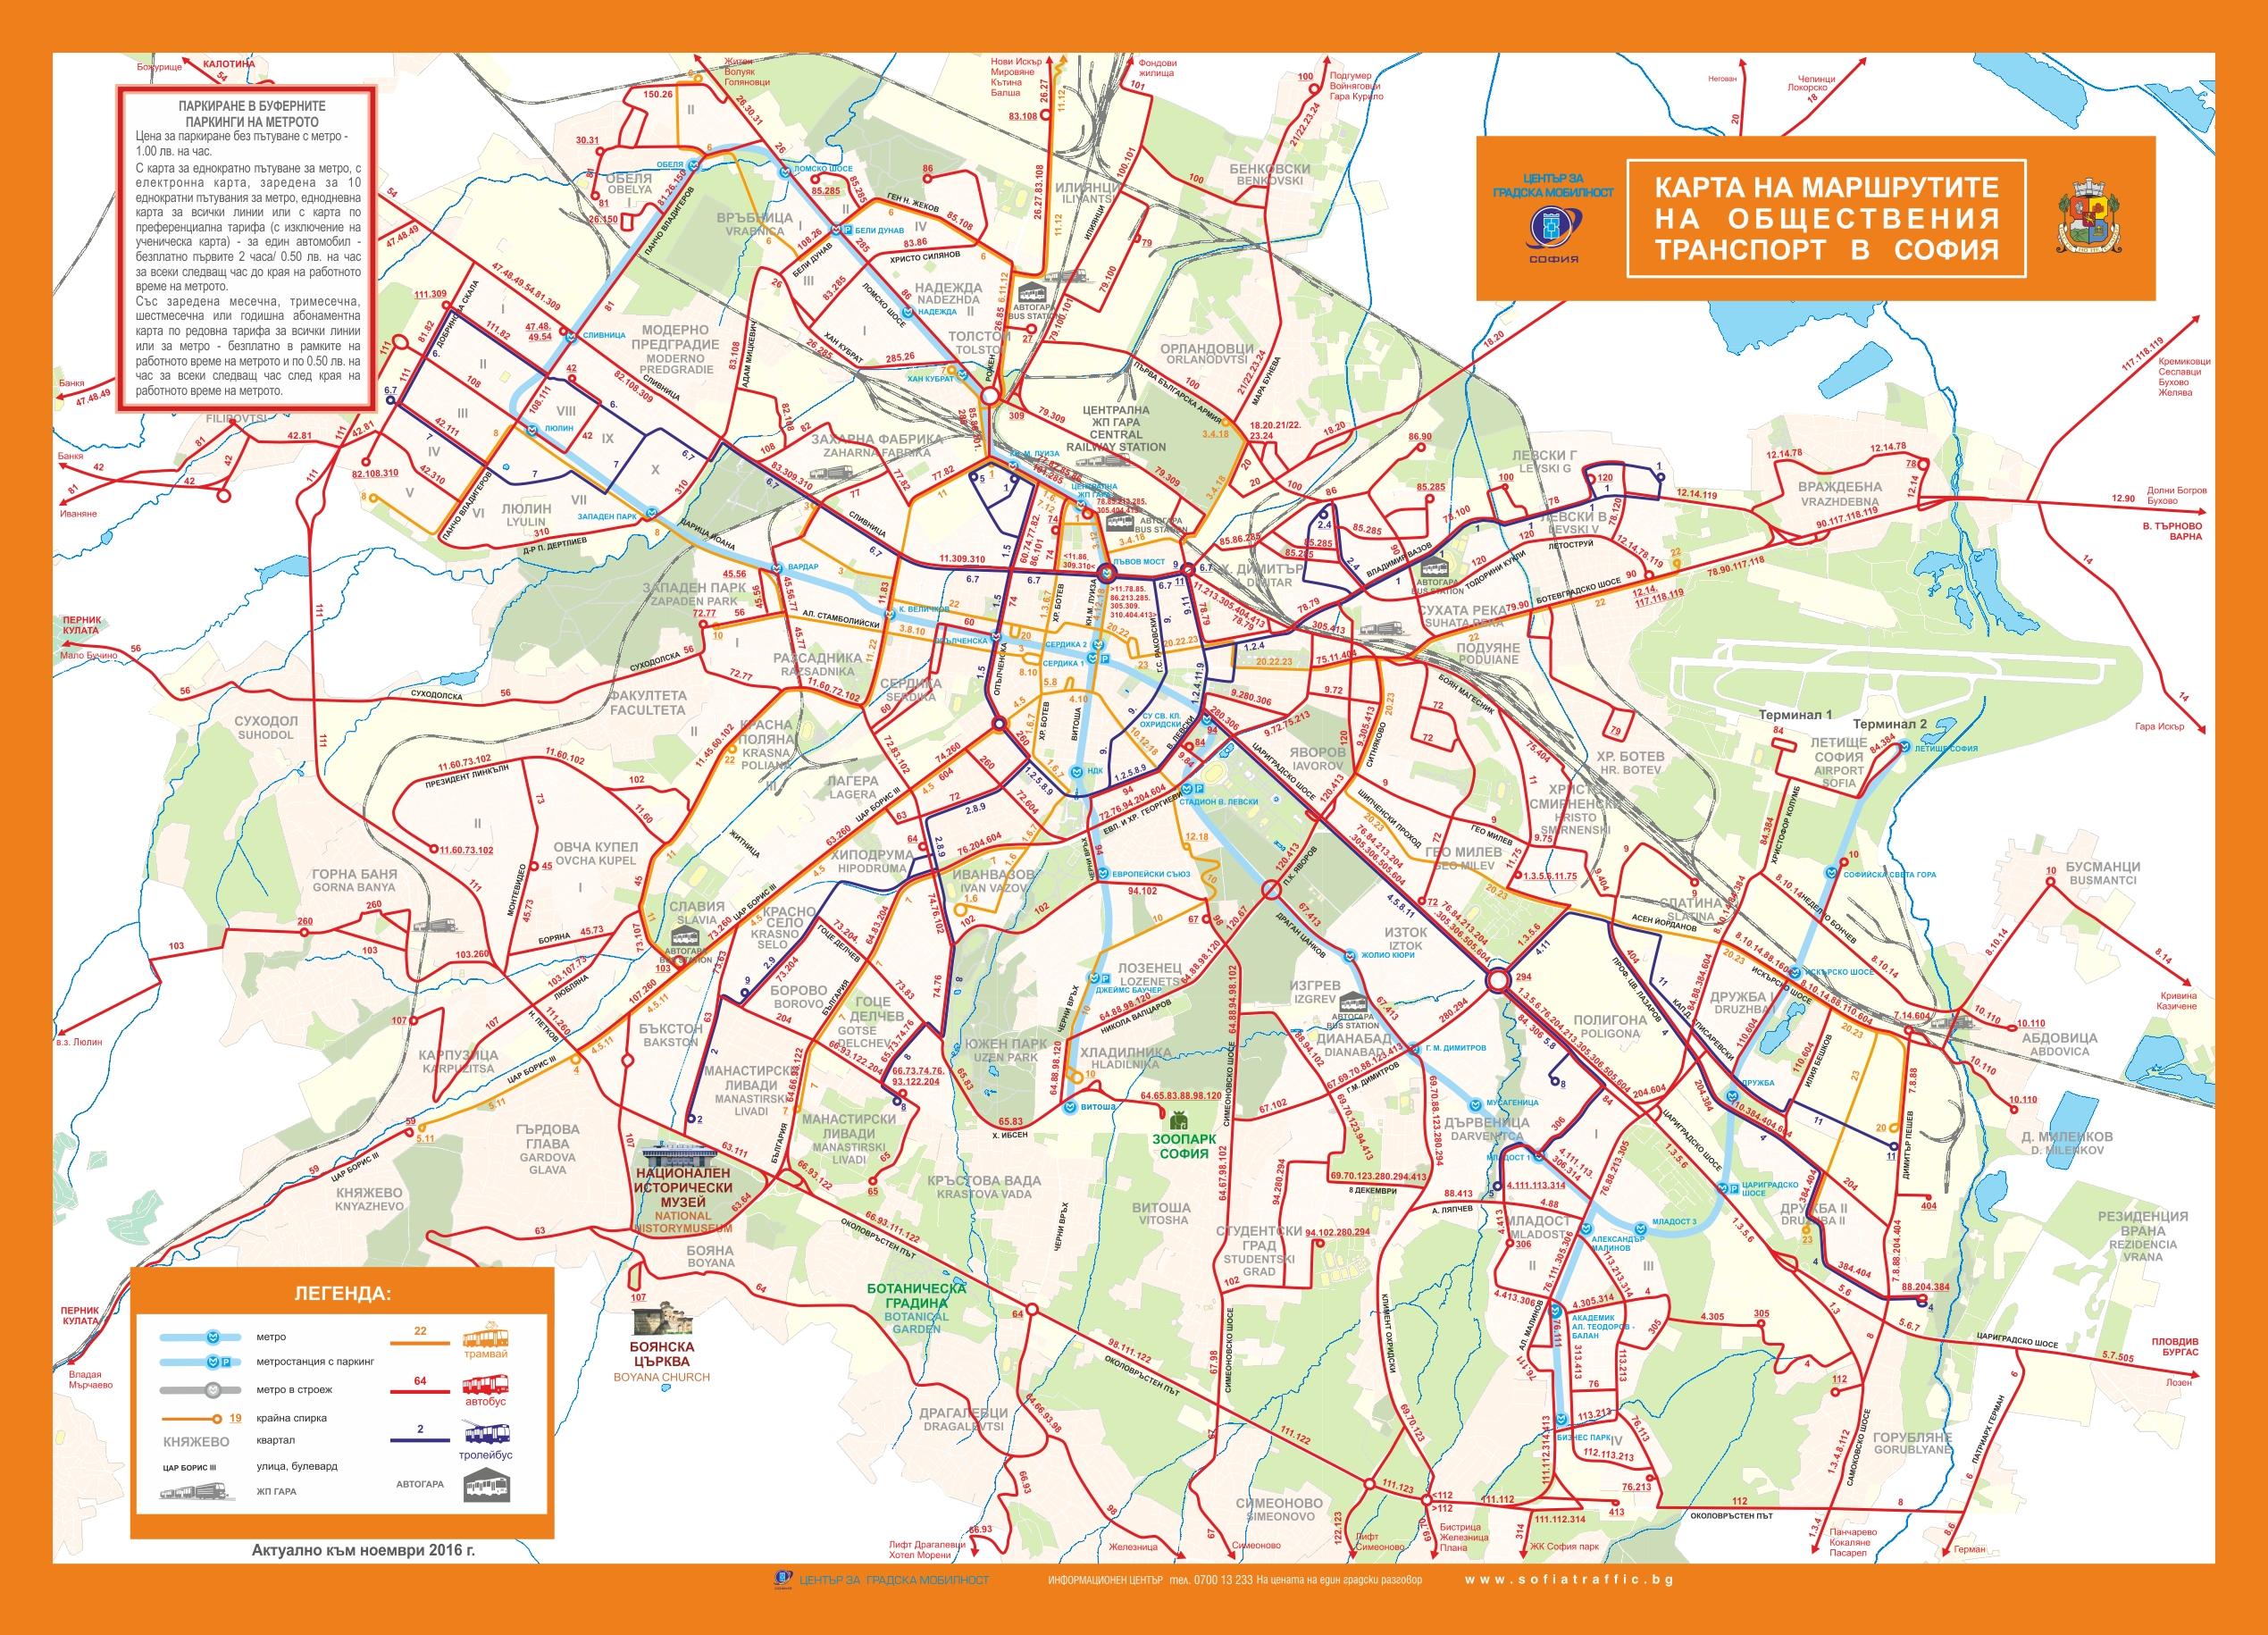 Sofia Bg Karta Na Gradskiya Transport